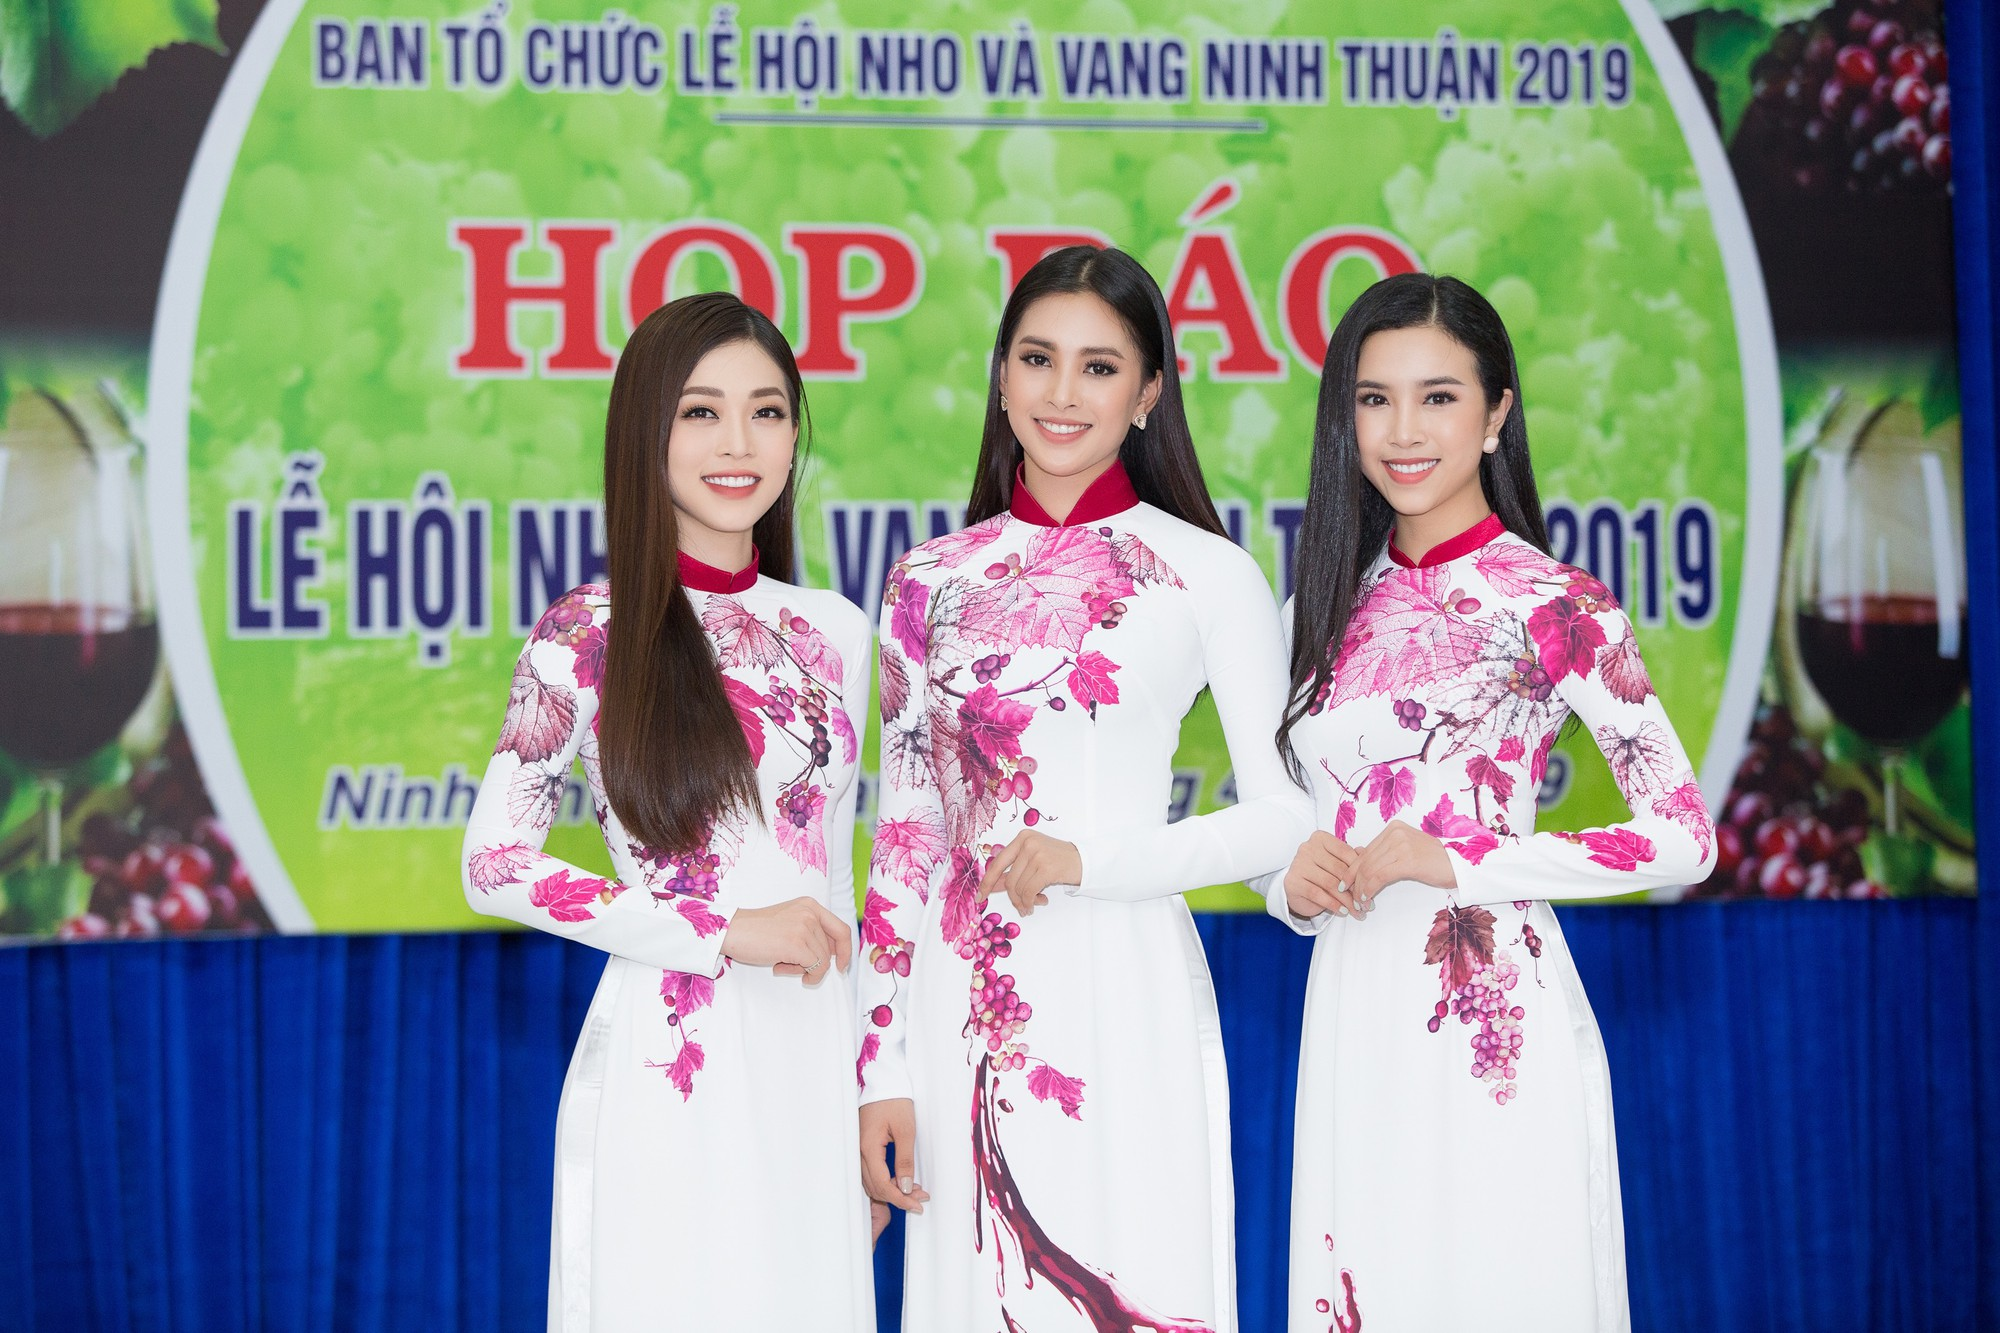 Top 3 Hoa hậu Việt Nam 2018 bắt tay đạo diễn Hoàng Nhật Nam trở thành nữ thần nho - Ảnh 1.